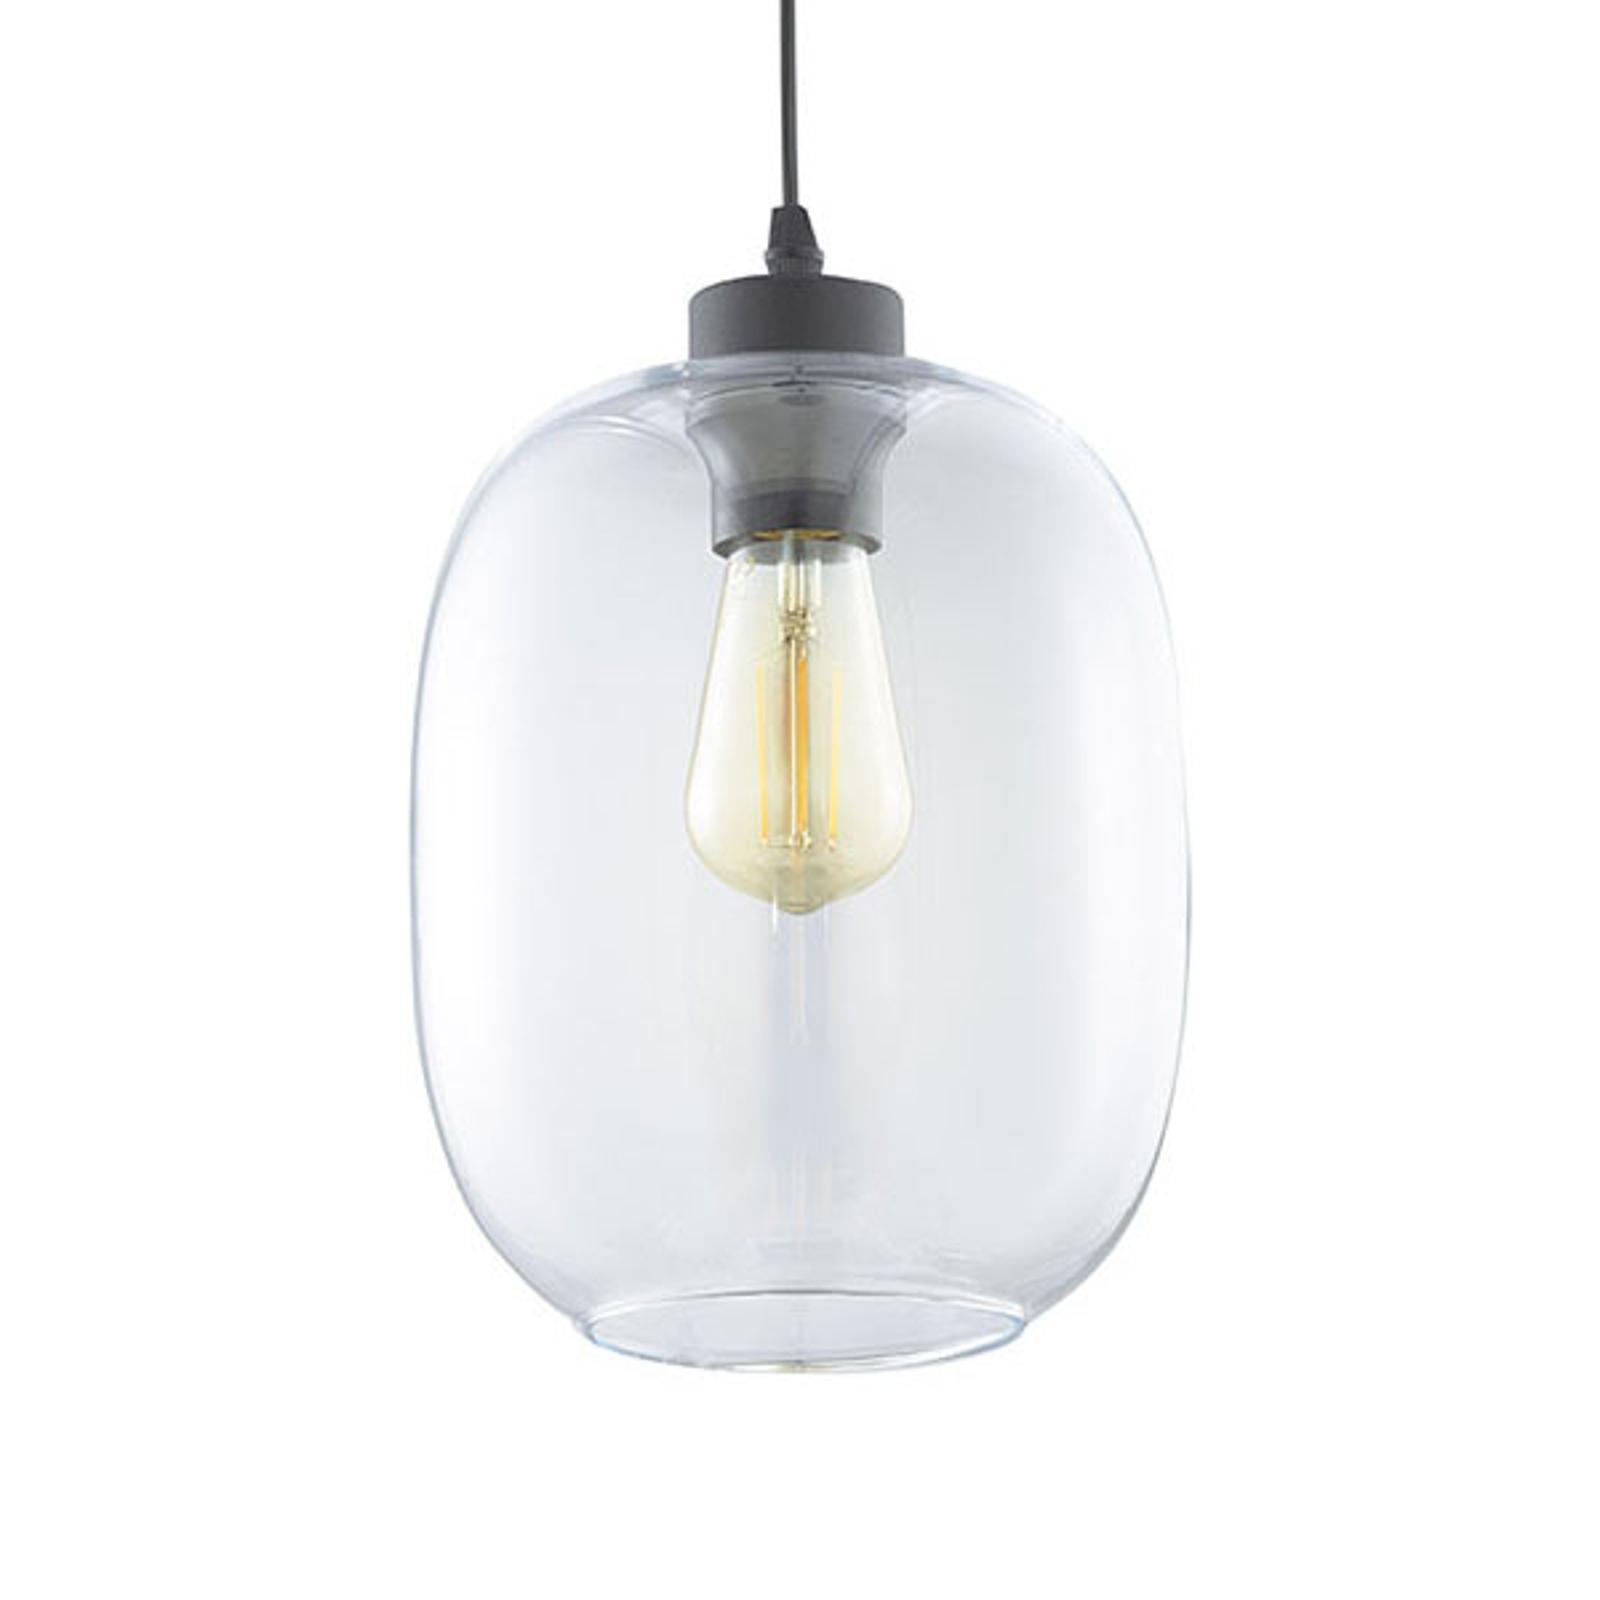 Lampa wisząca Elio, 1-punktowa, przezroczysta